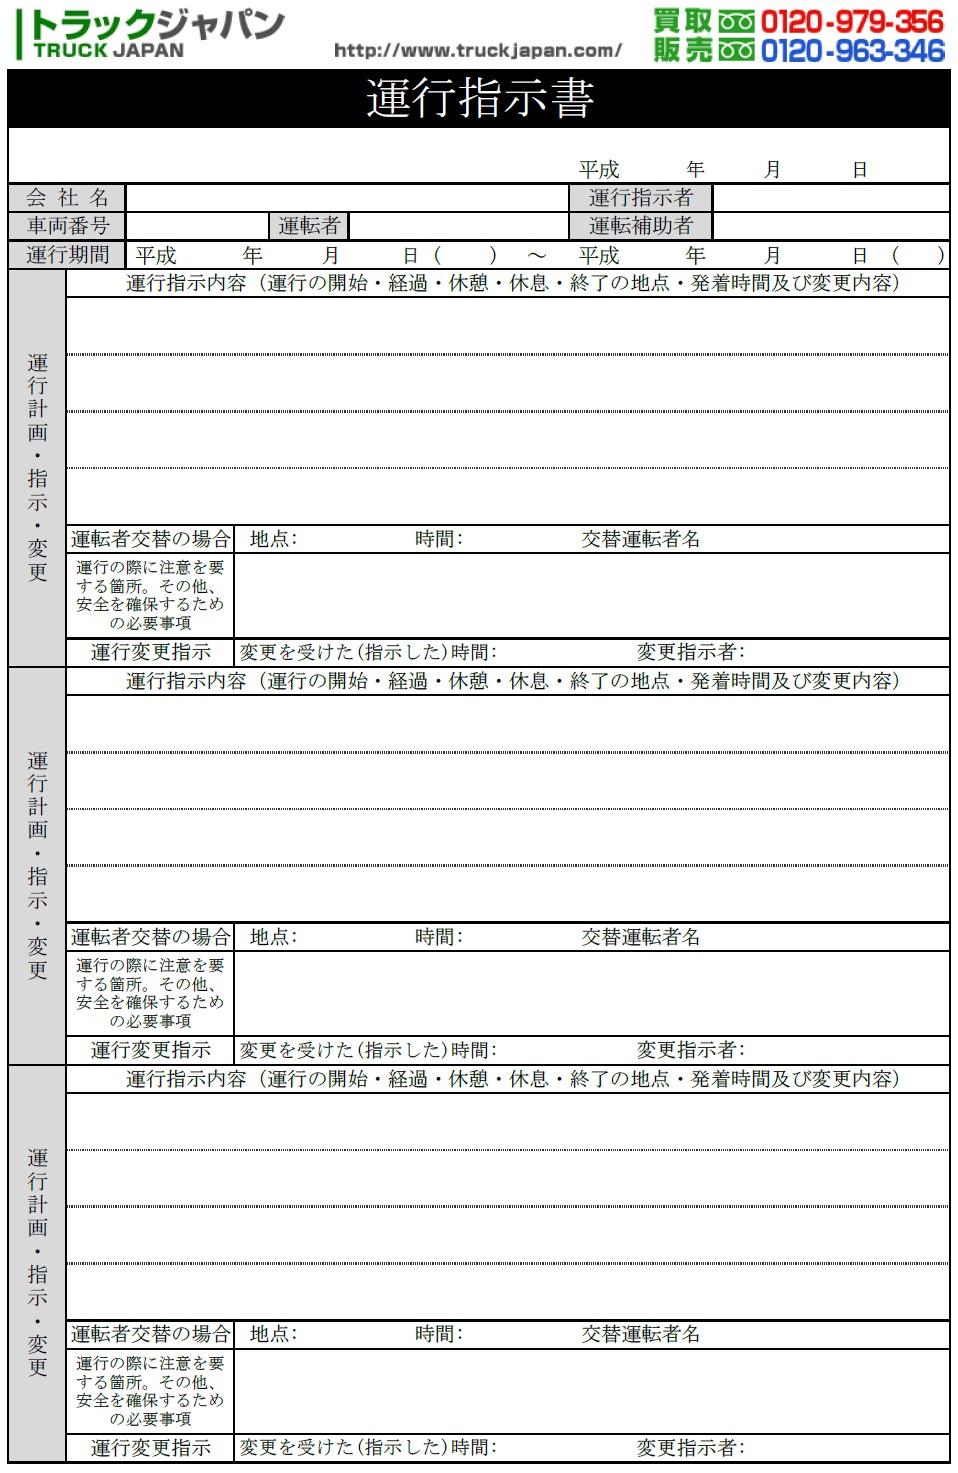 トラック運転手の運行指示書の ... : pdf 印刷出来ない : 印刷